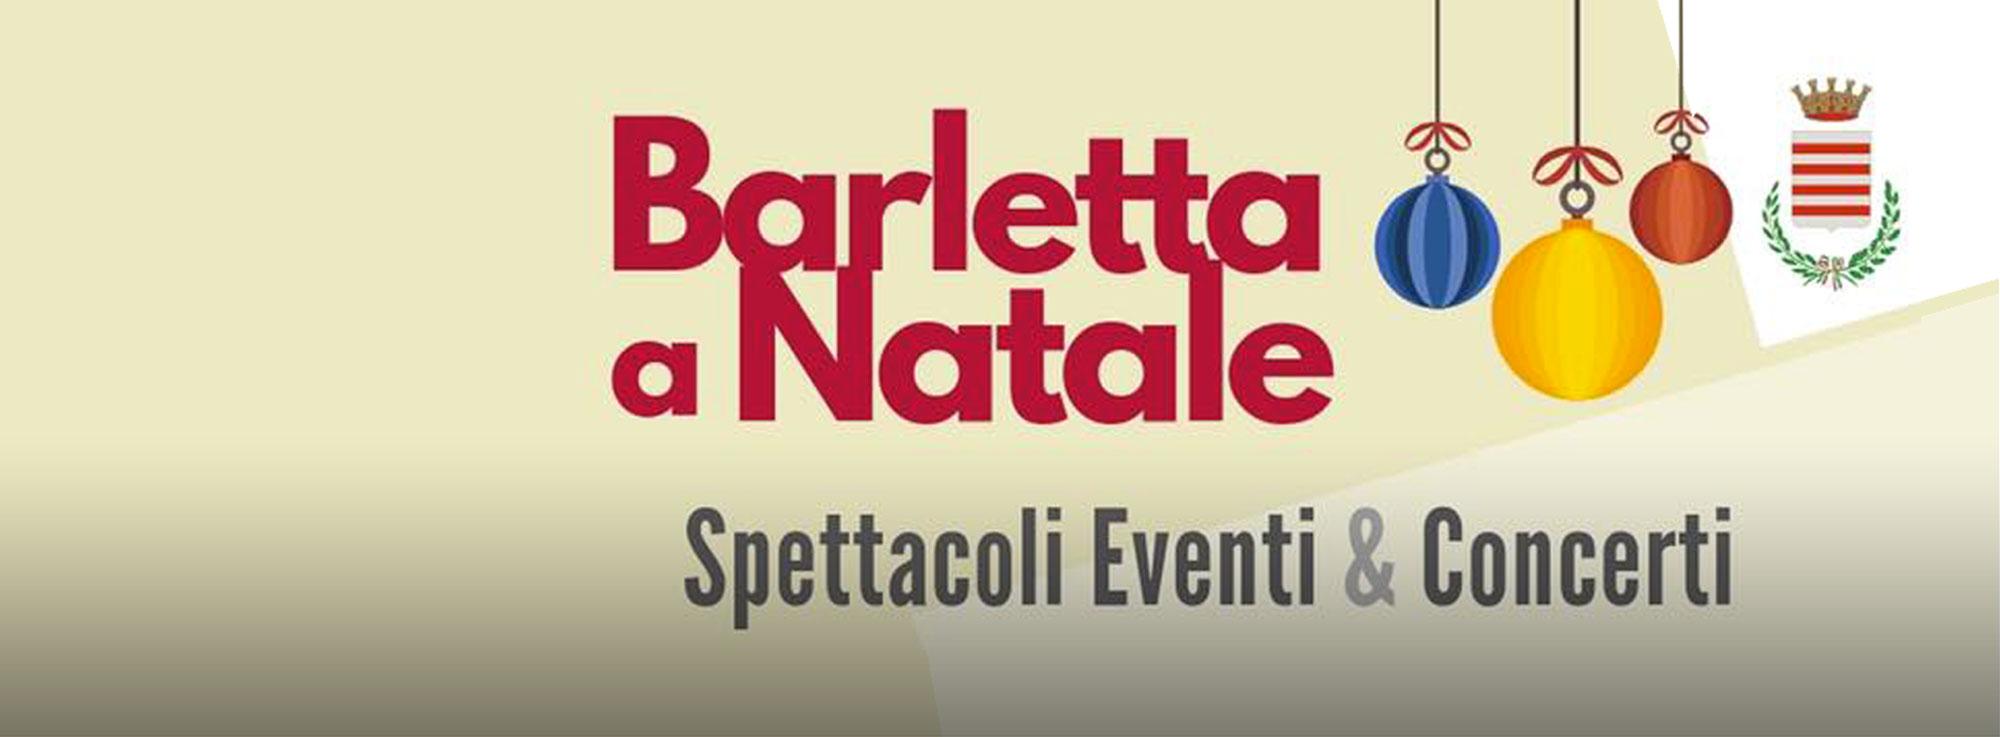 Barletta: Natale a Barletta